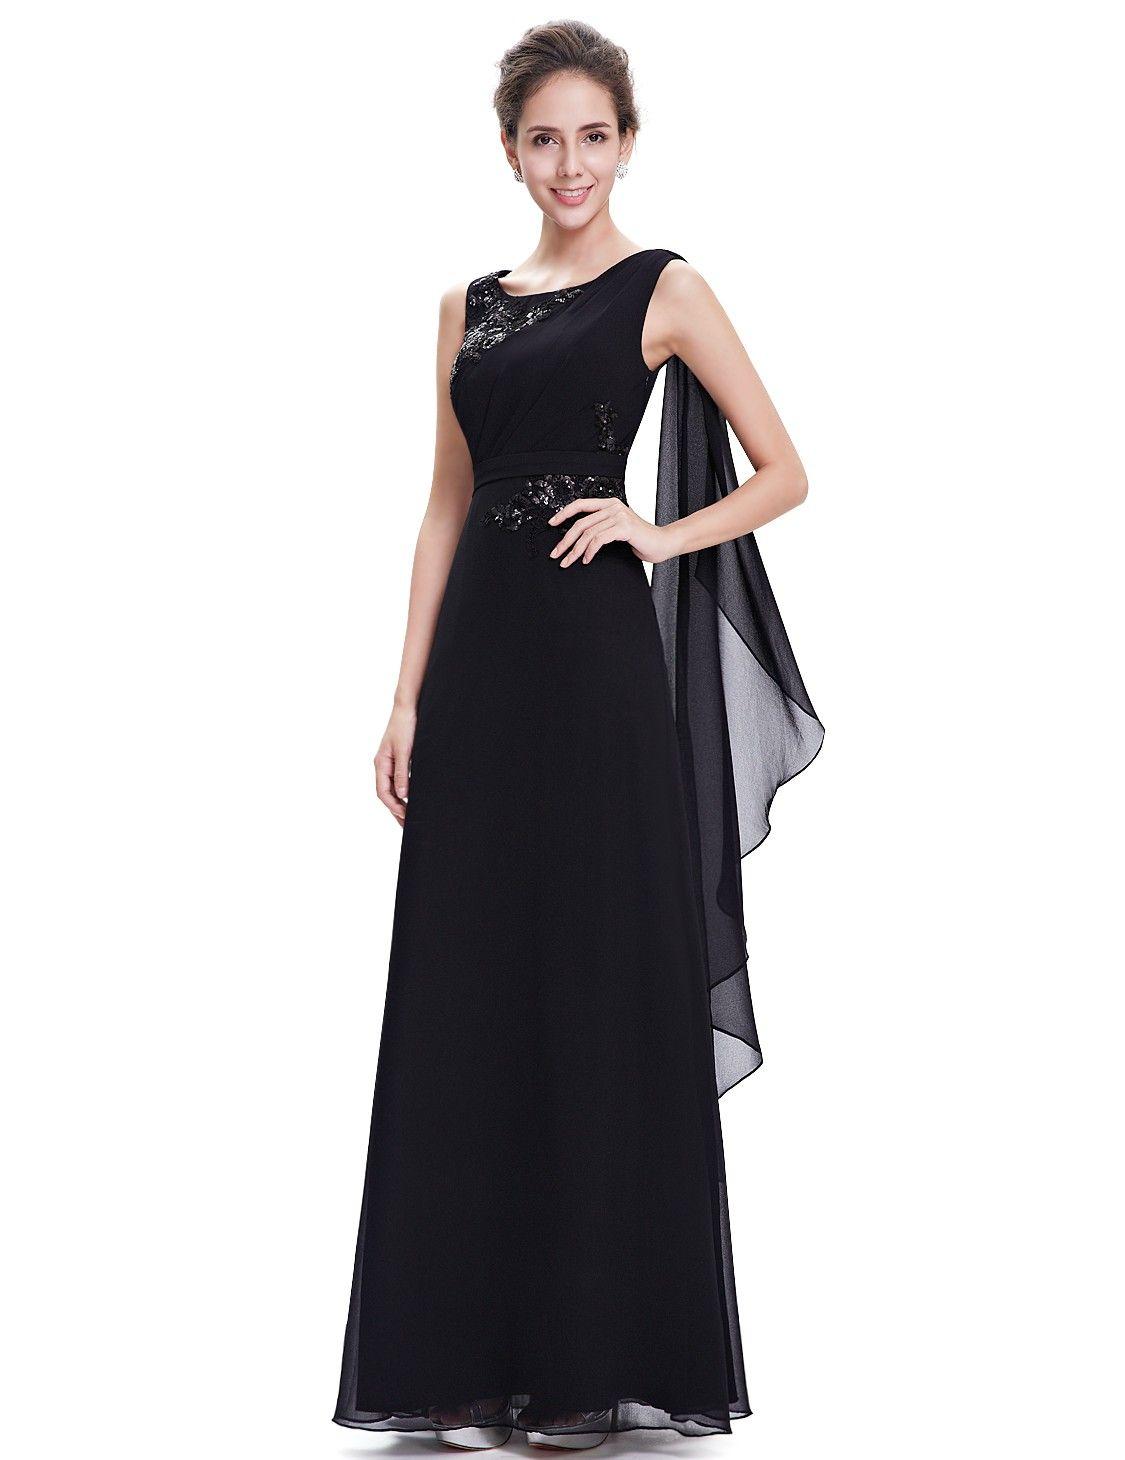 Abendmode / Rundhals Abendkleid in Schwarz  Abendkleid, Abschlussball kleider, Abschlussball